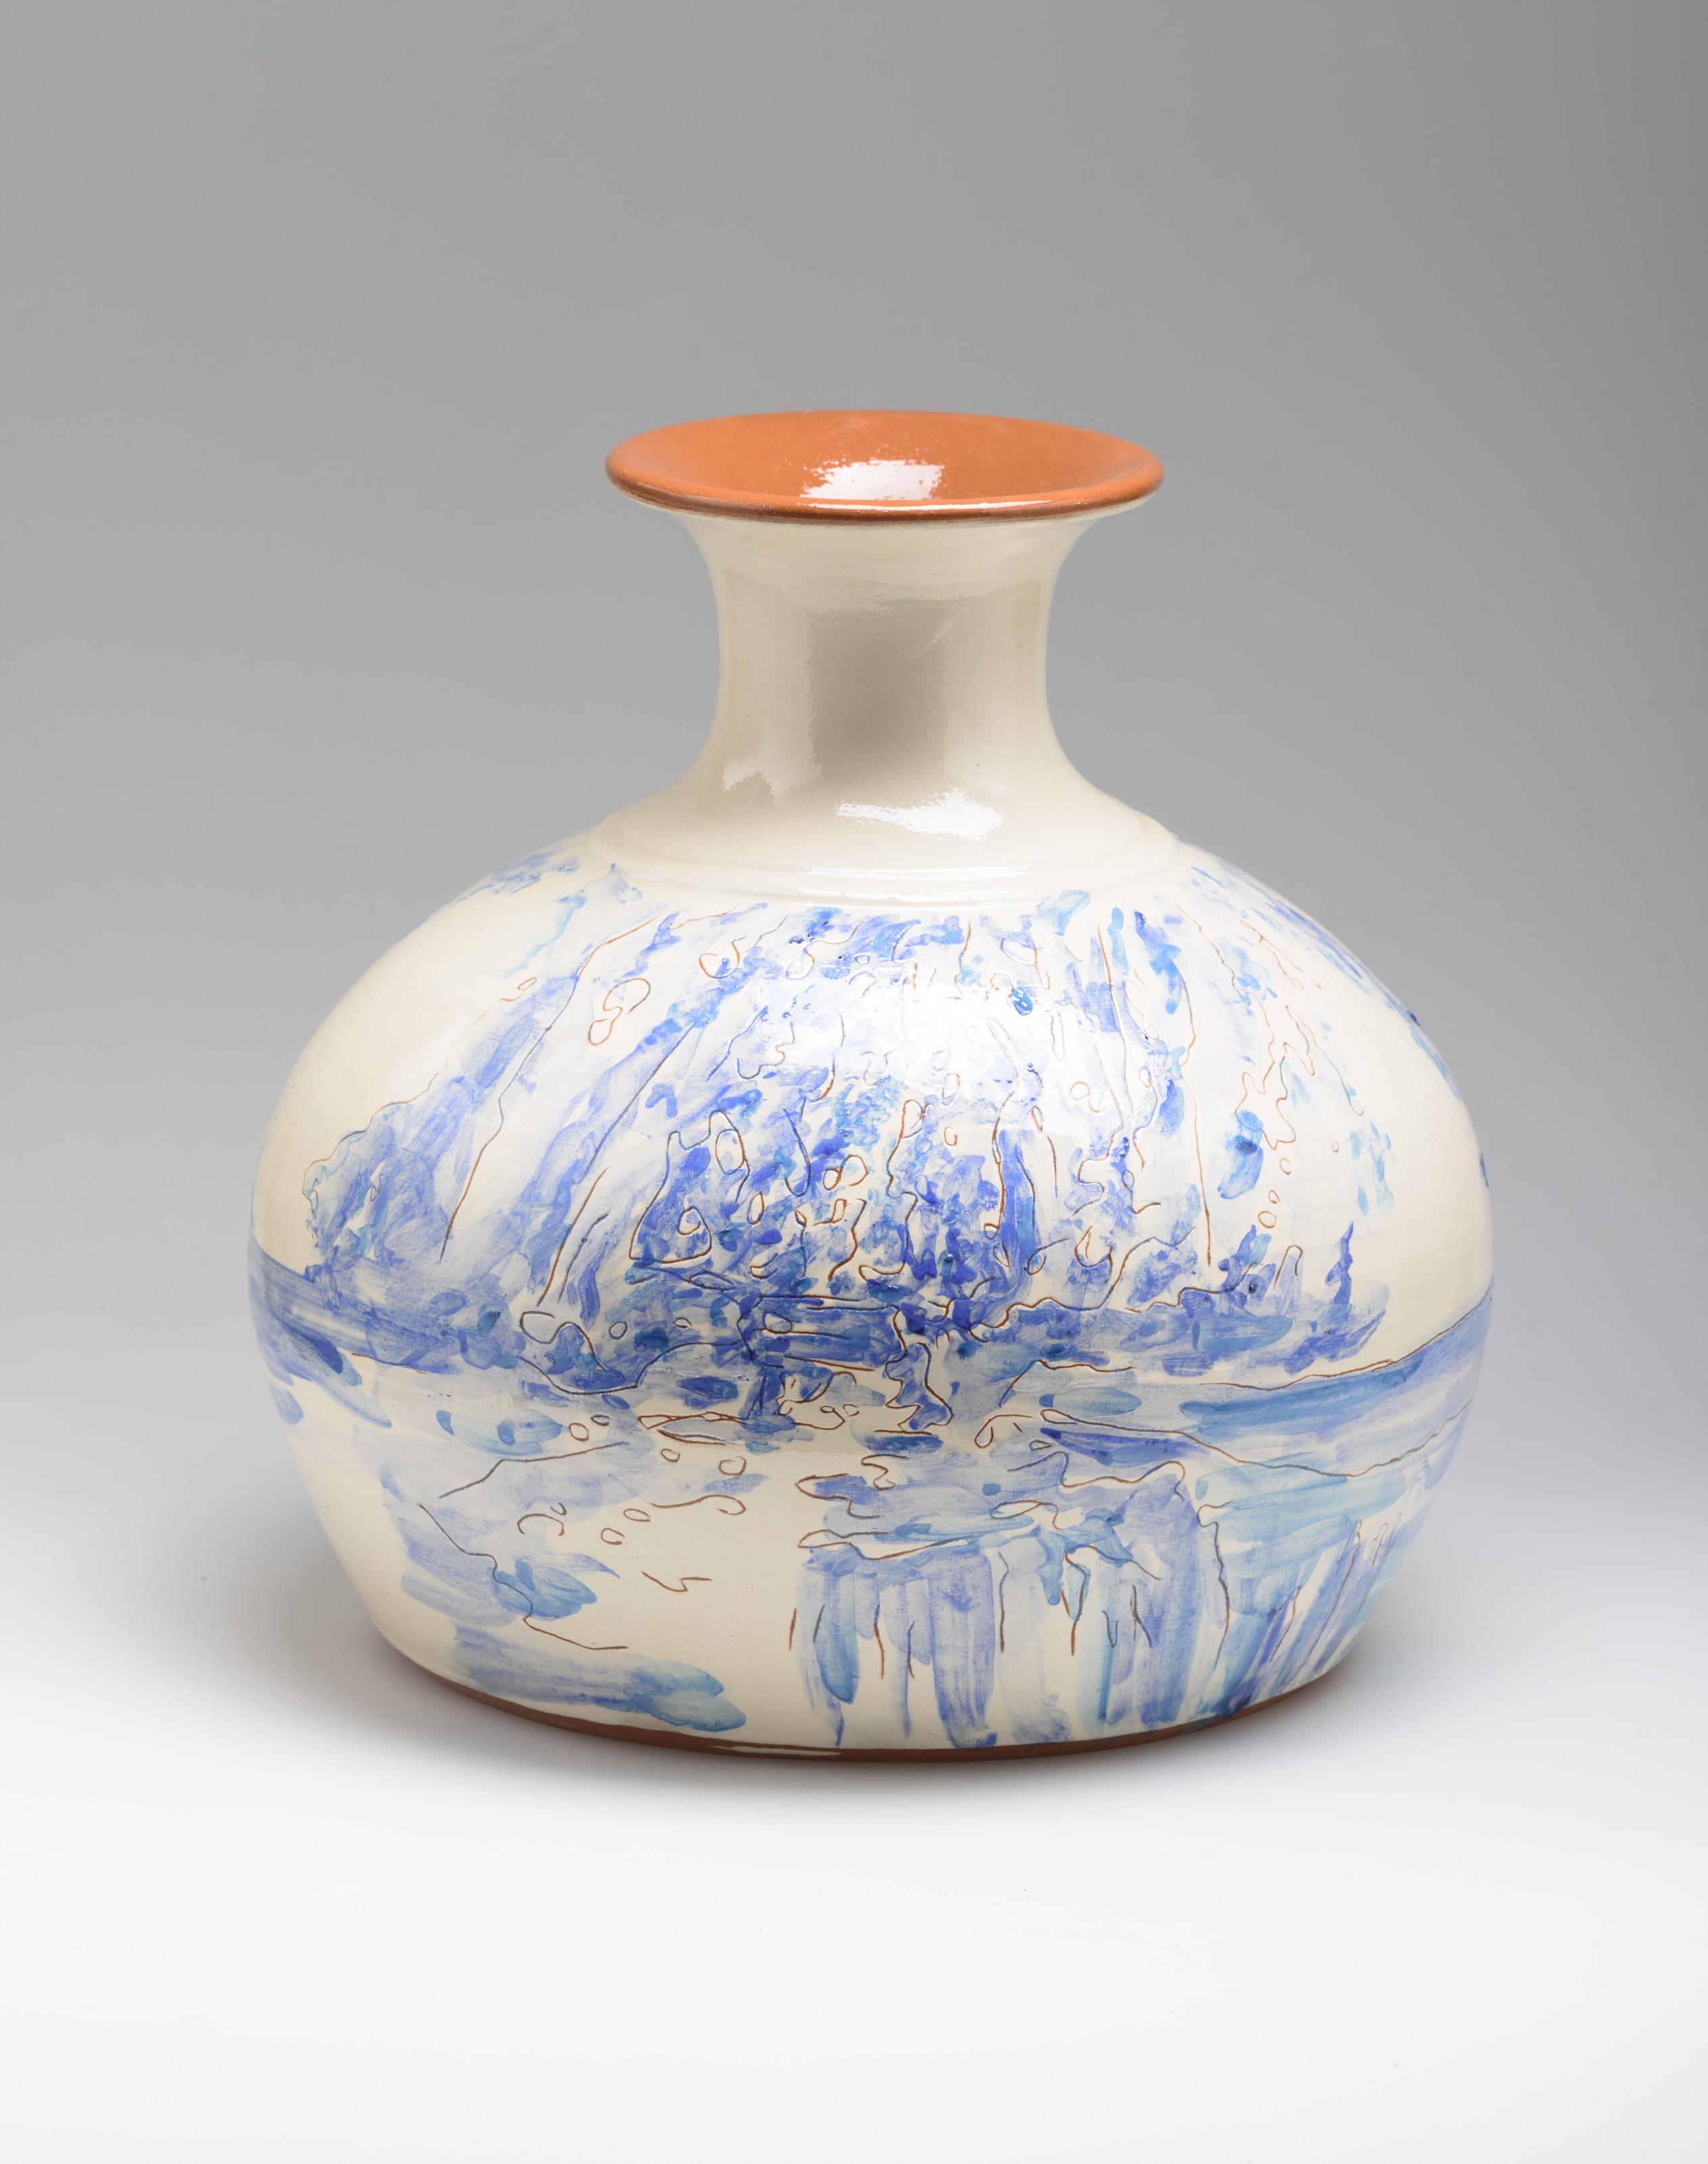 Flower Vase, ceramic, 30 cm. high, Portugal 2015